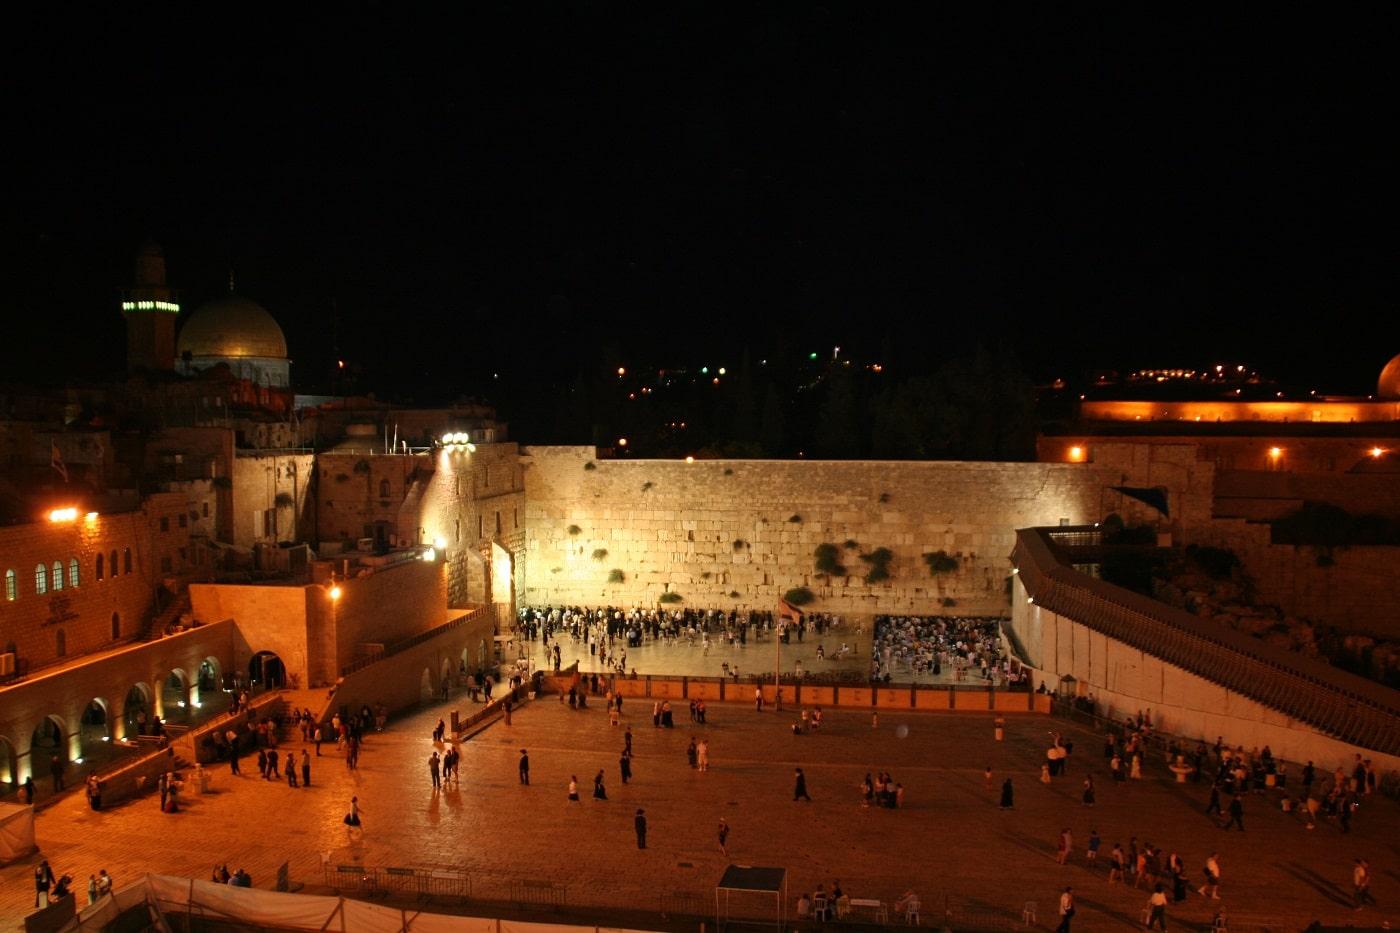 Milioane de oameni se roagă an de an la Zidul Plângerii